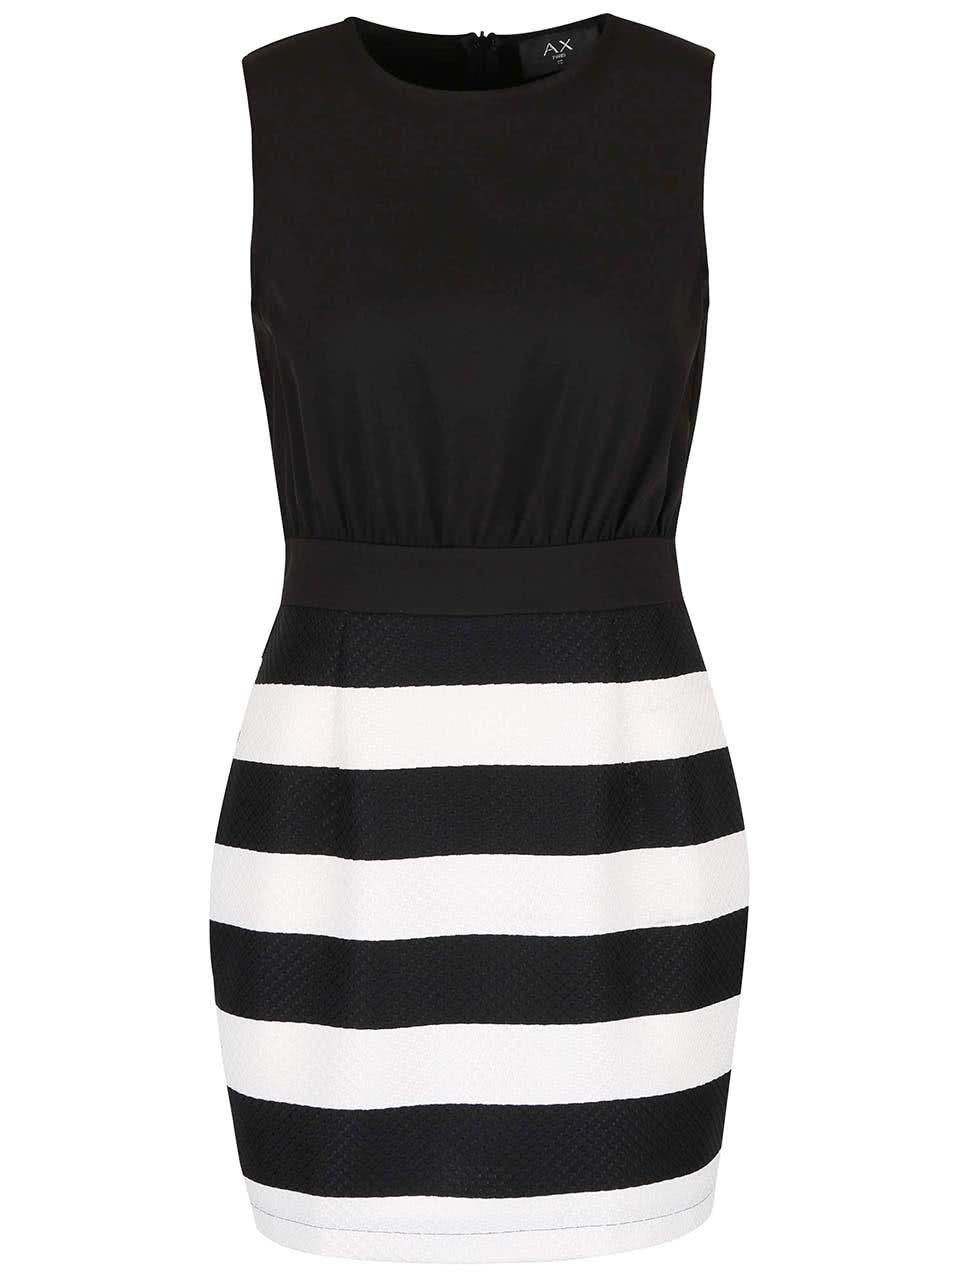 Bílo-černé šaty s pruhovanou sukní AX Paris ... 1d2450f02e